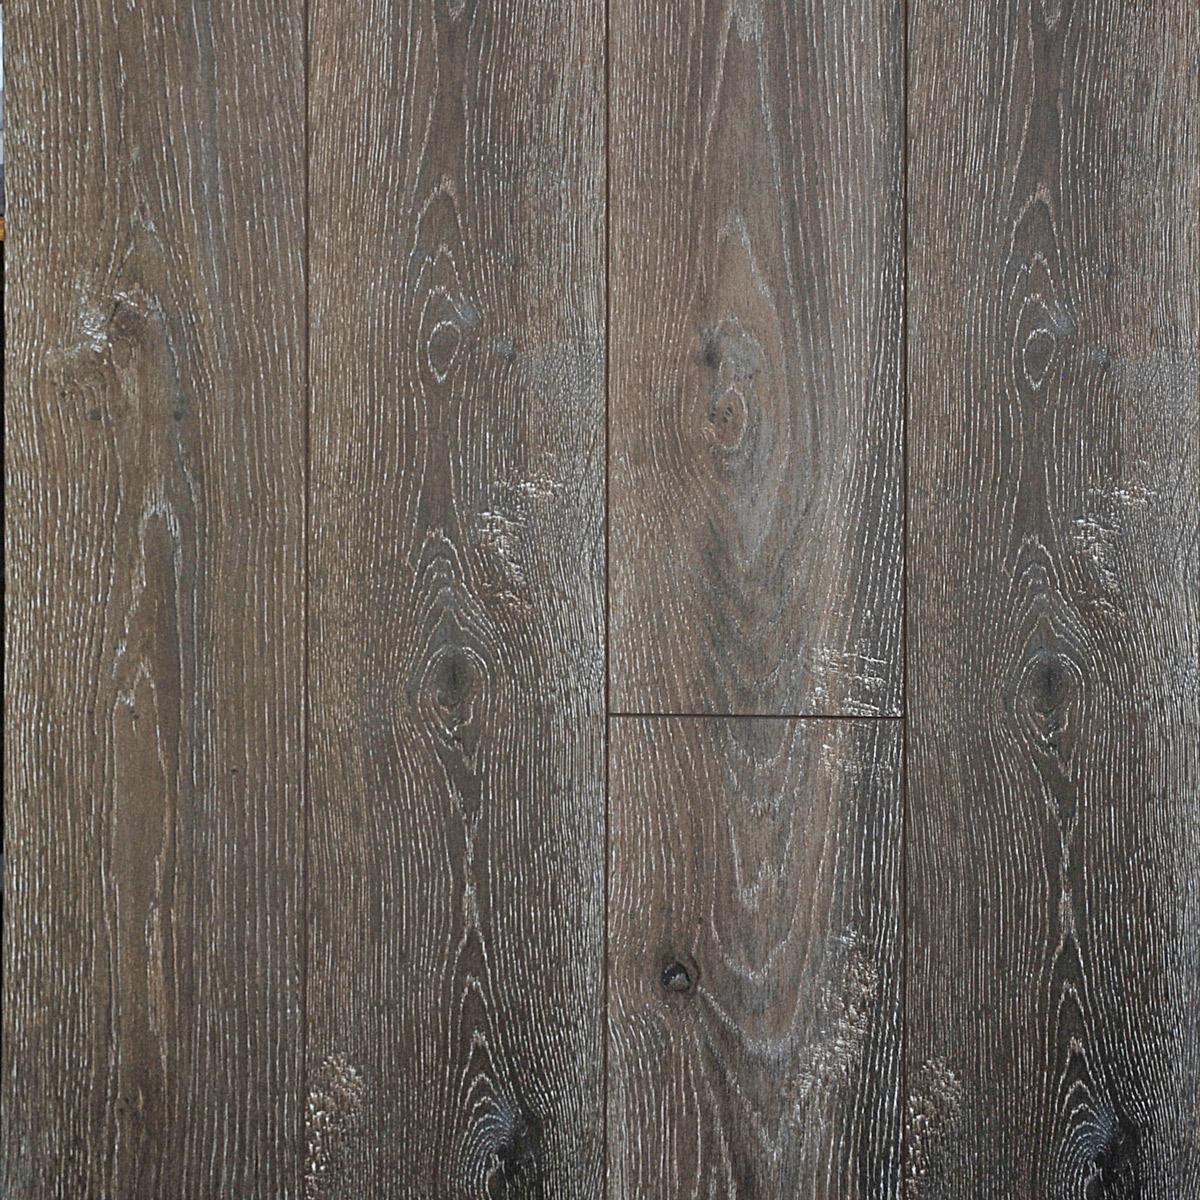 Laminate Flooring Oak In Dalwood Color, Millennium Laminate Flooring